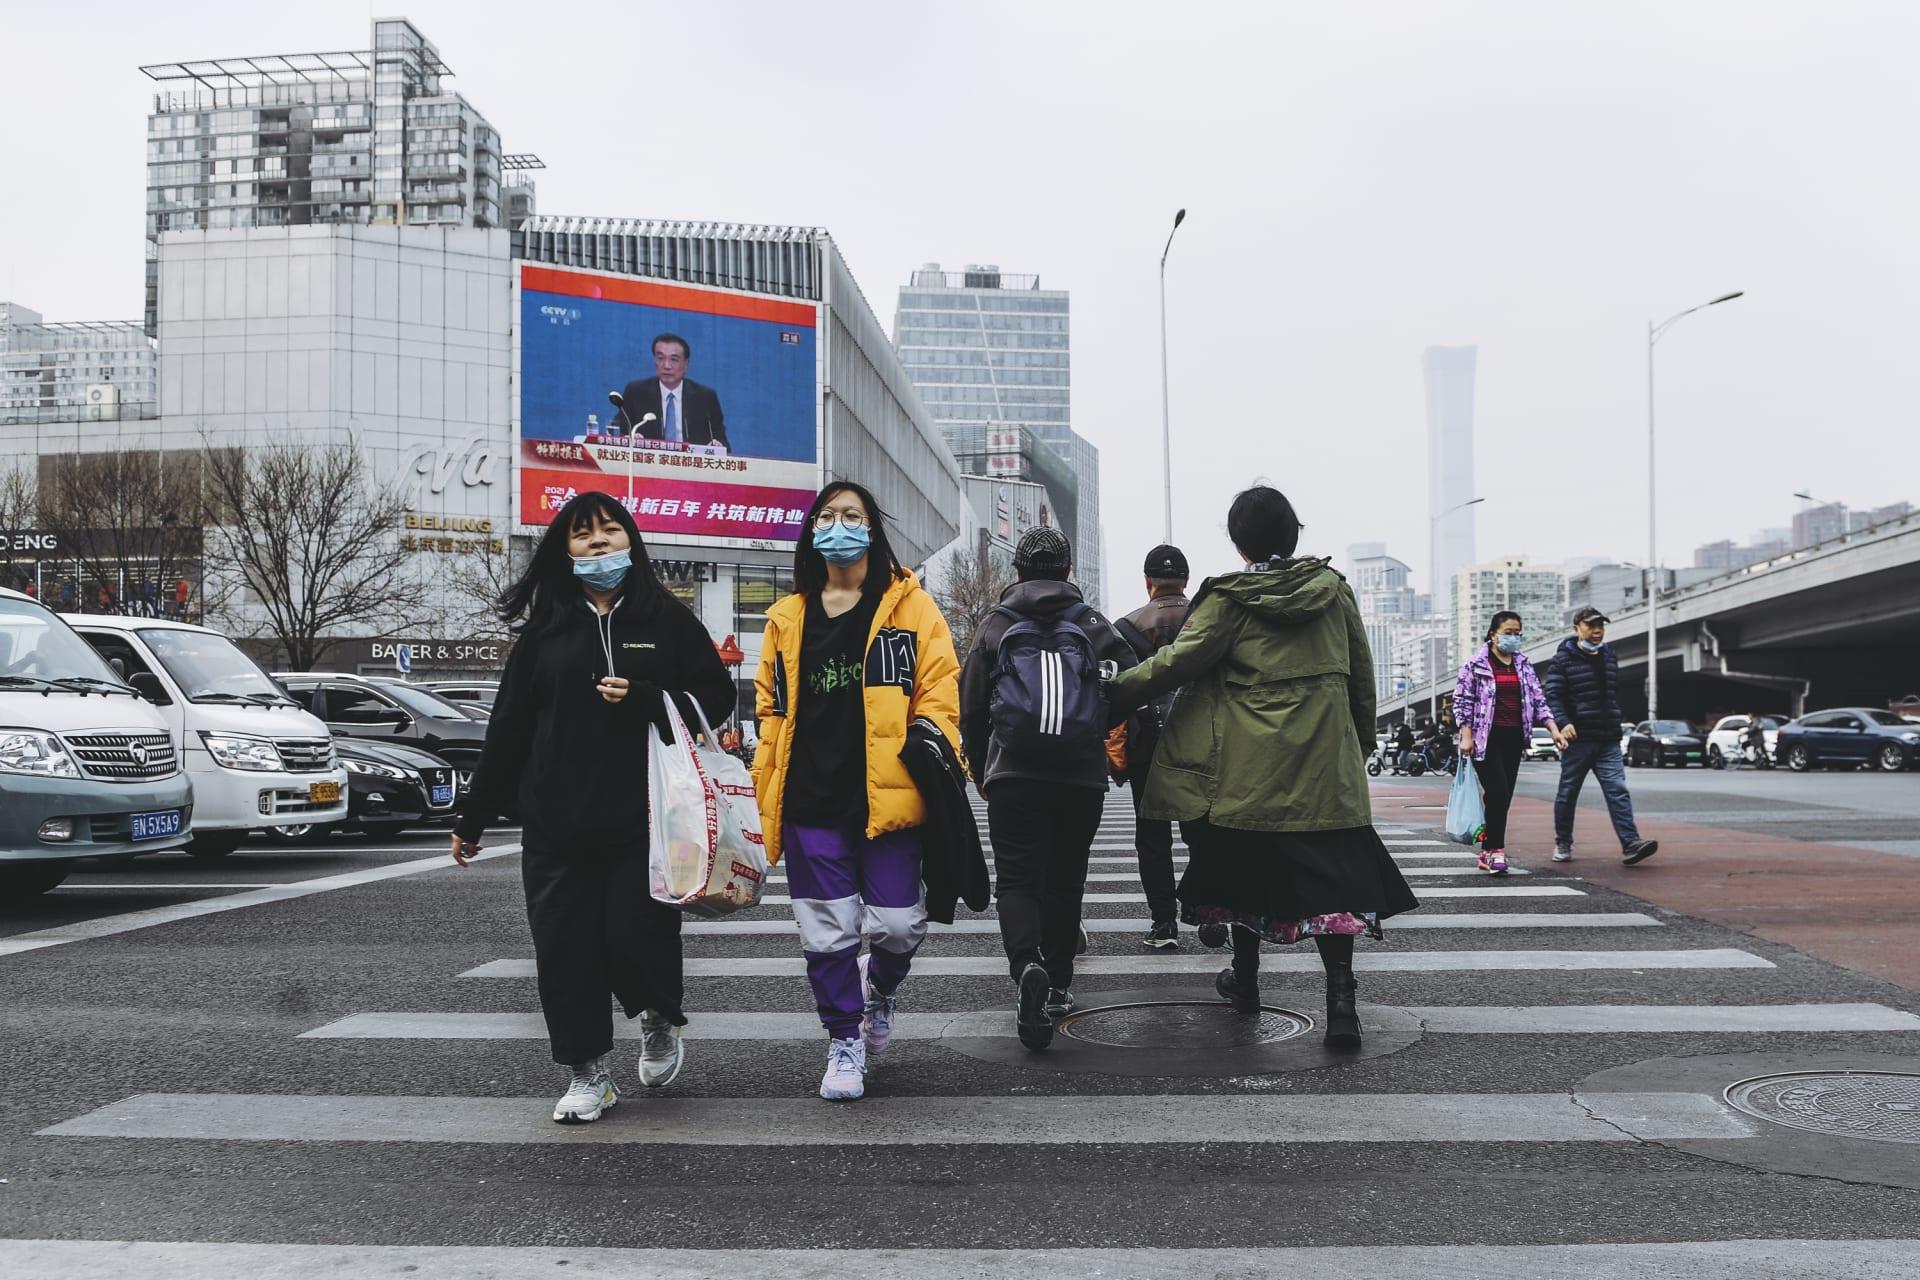 الناس يسيرون على مفترق طرق أثناء بث مباشر على شاشة كبيرة تقارير عن إغلاق المؤتمر الوطني لنواب الشعب الصيني في بكين في 11 مارس 2021 في بكين